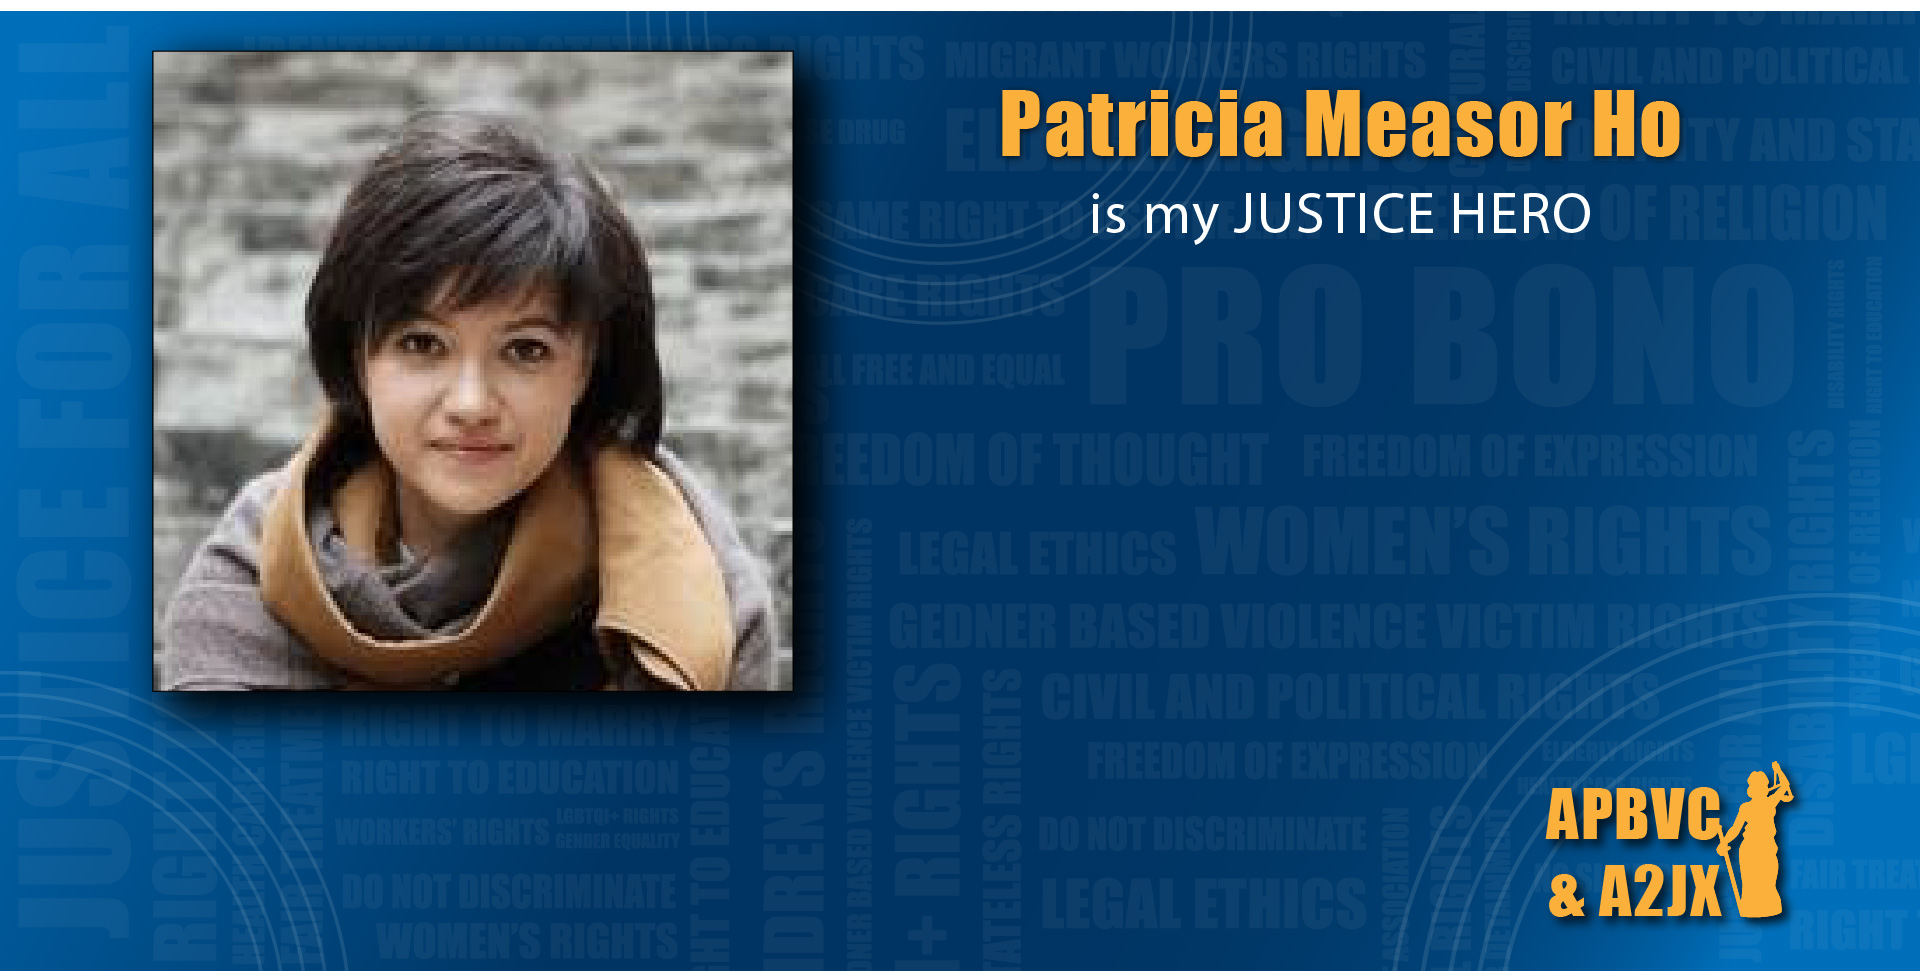 Patricia Measor Ho